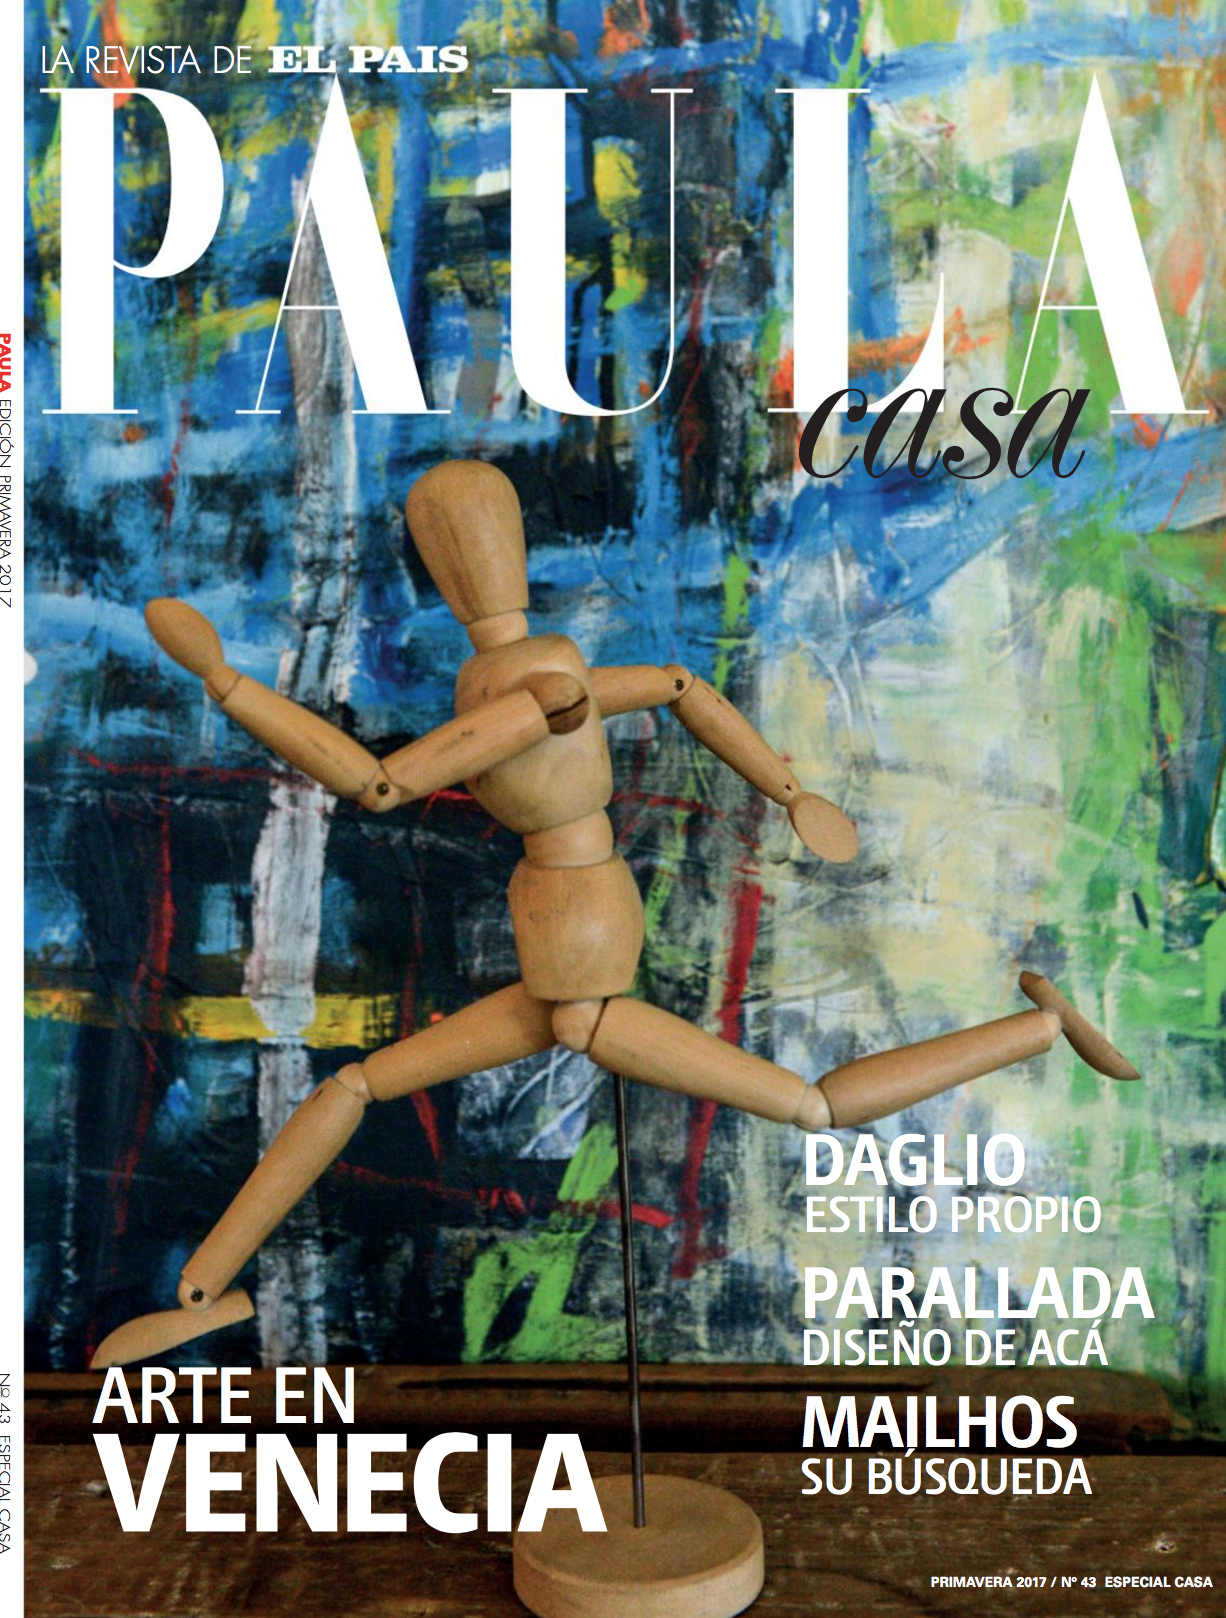 PAULA casa - Setiembre 2017